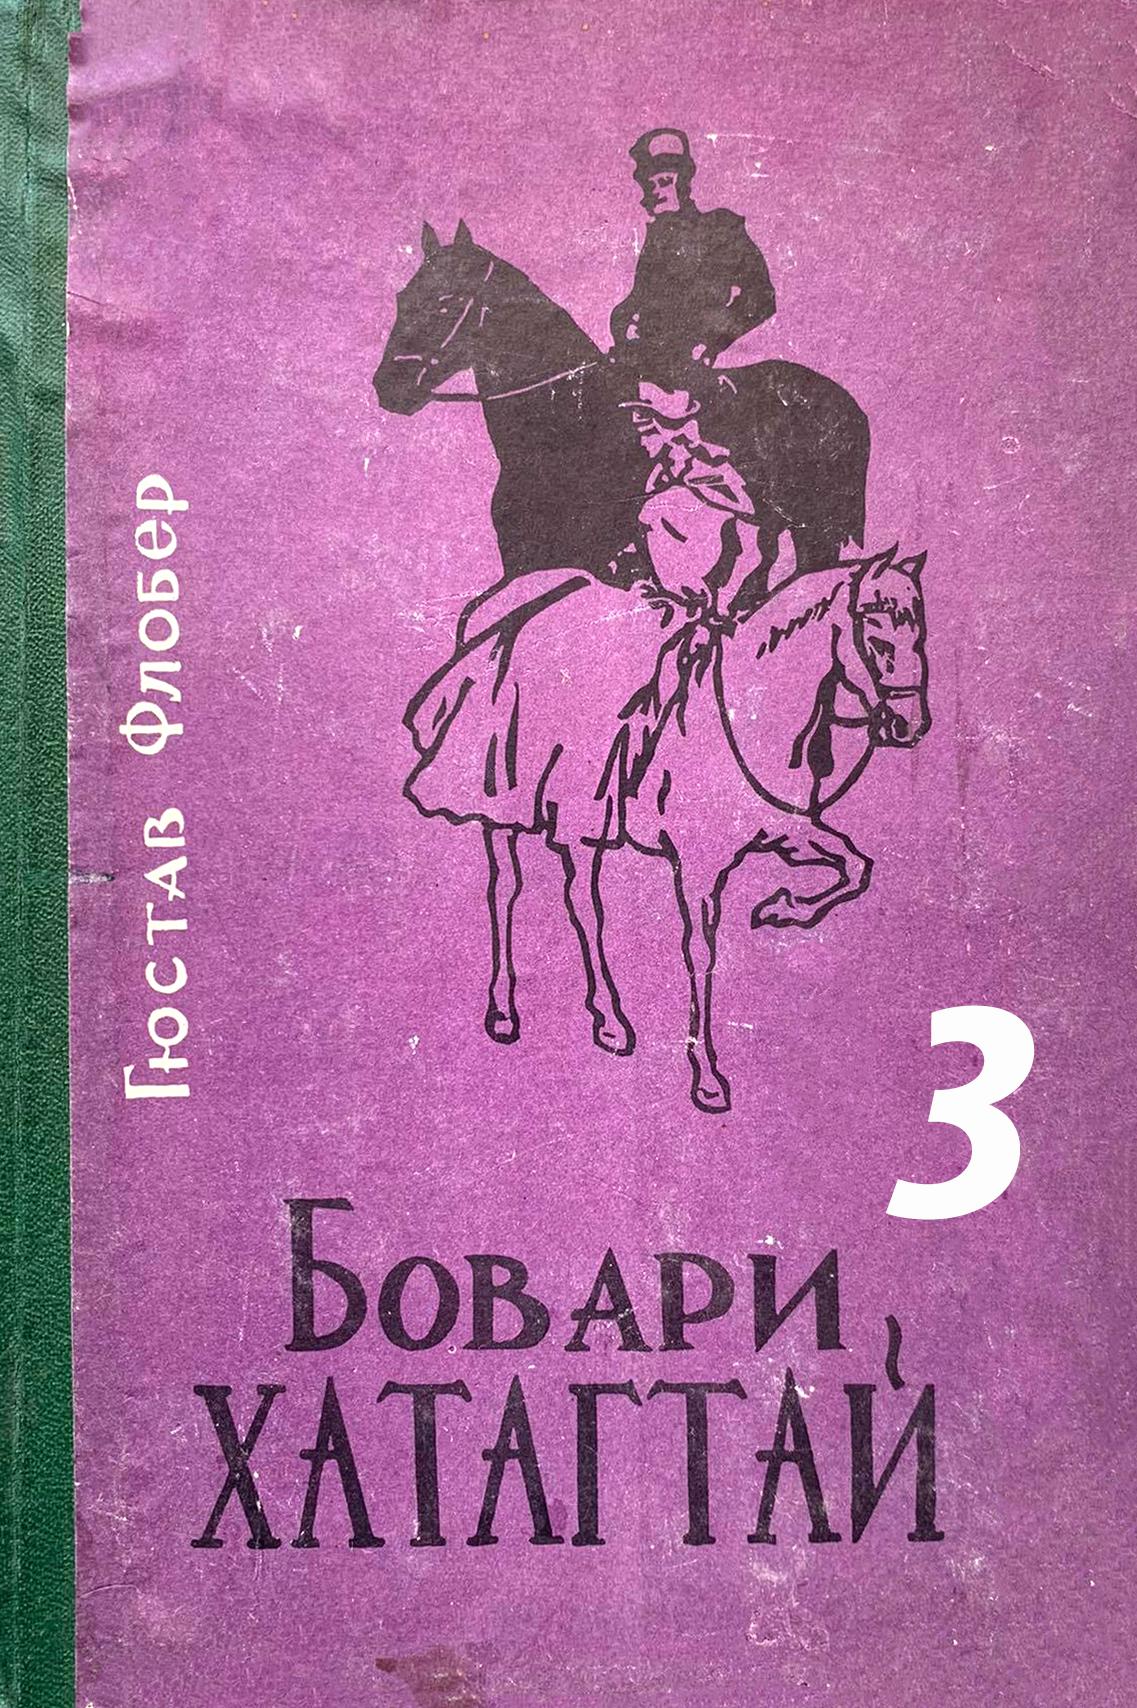 БОВАРИ ХАТАГТАЙ - 3